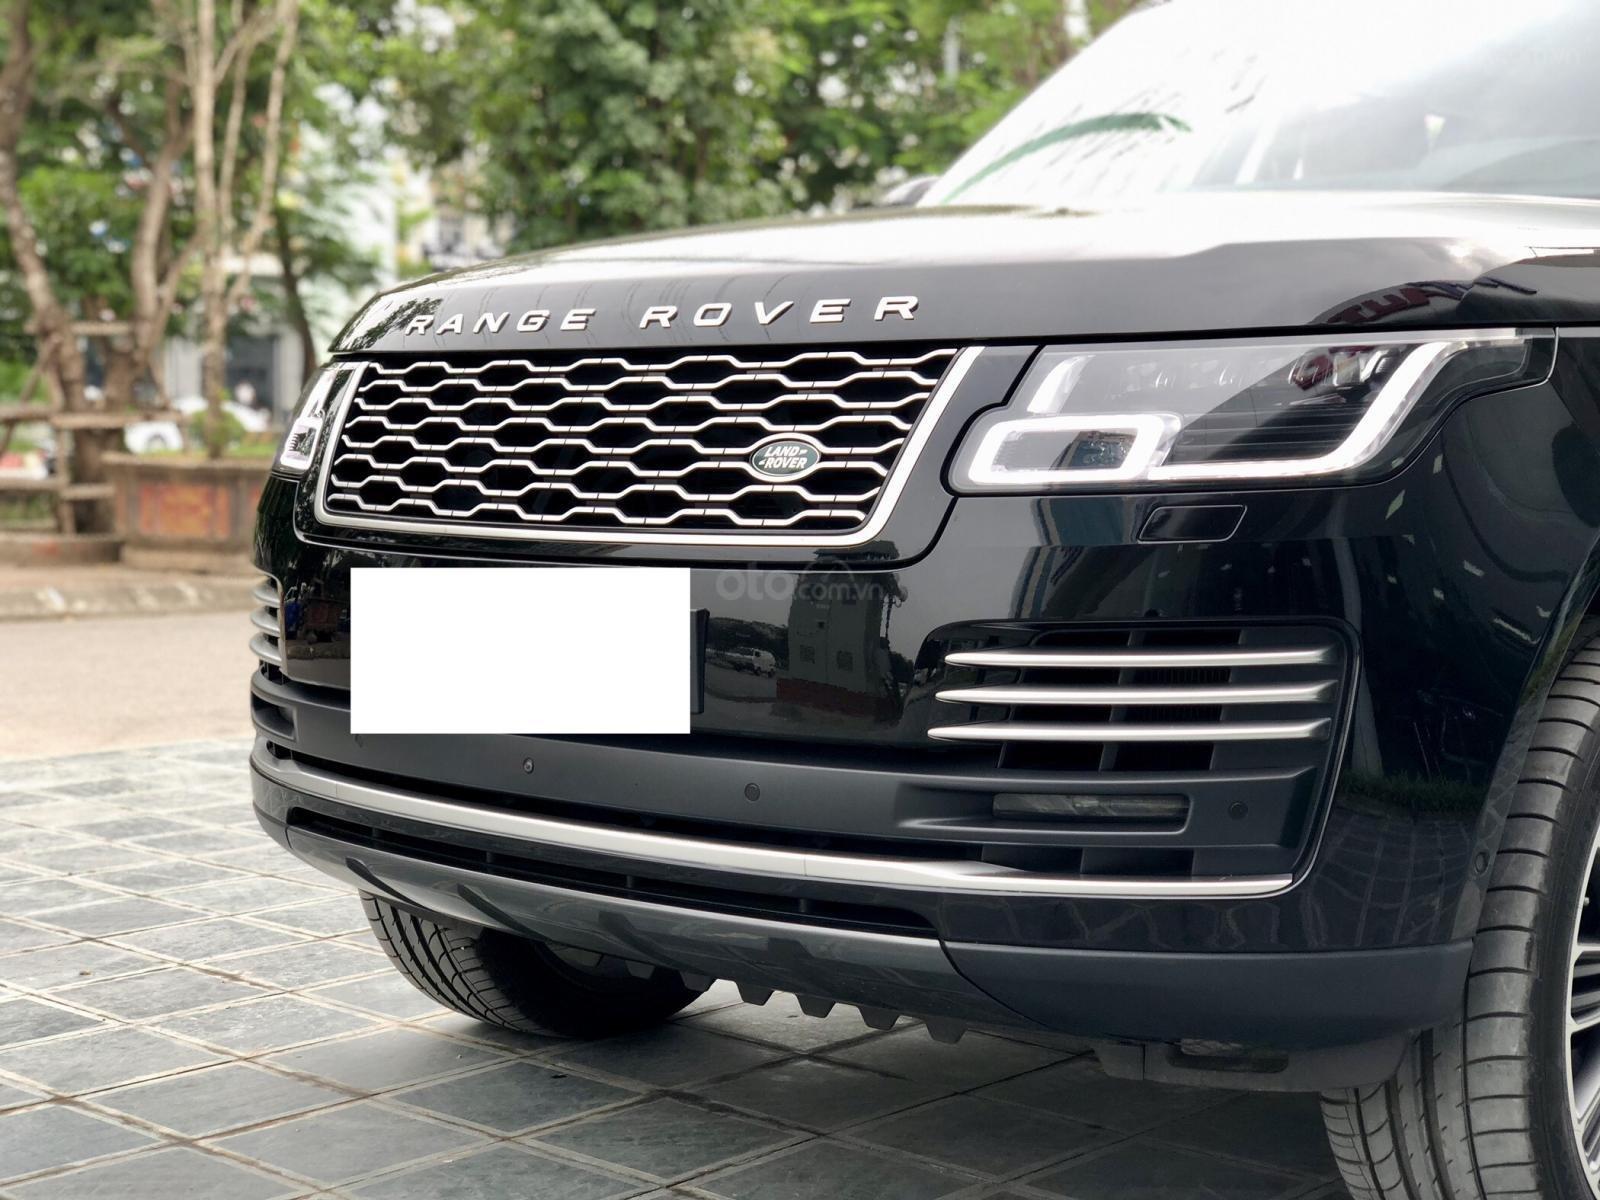 Bán Range Rover Autobiography LWB đời 2019 siêu lướt, hotline 094.539.2468 (4)